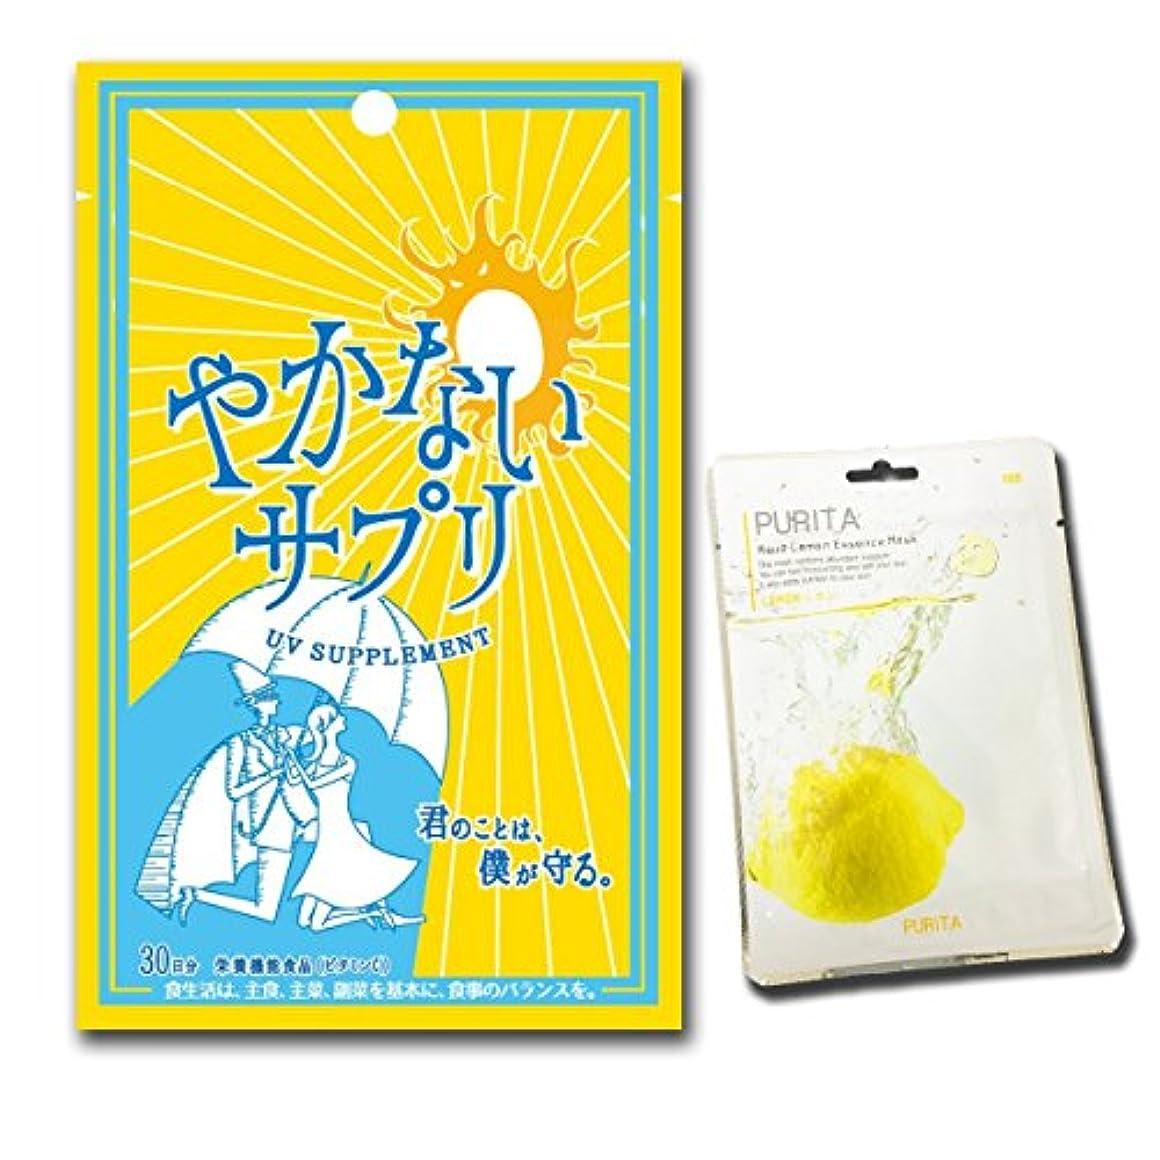 天のケイ素ピット飲む日焼け止め やかないサプリ 日本製 (30粒/30日分) PURITAフェイスマスク1枚付